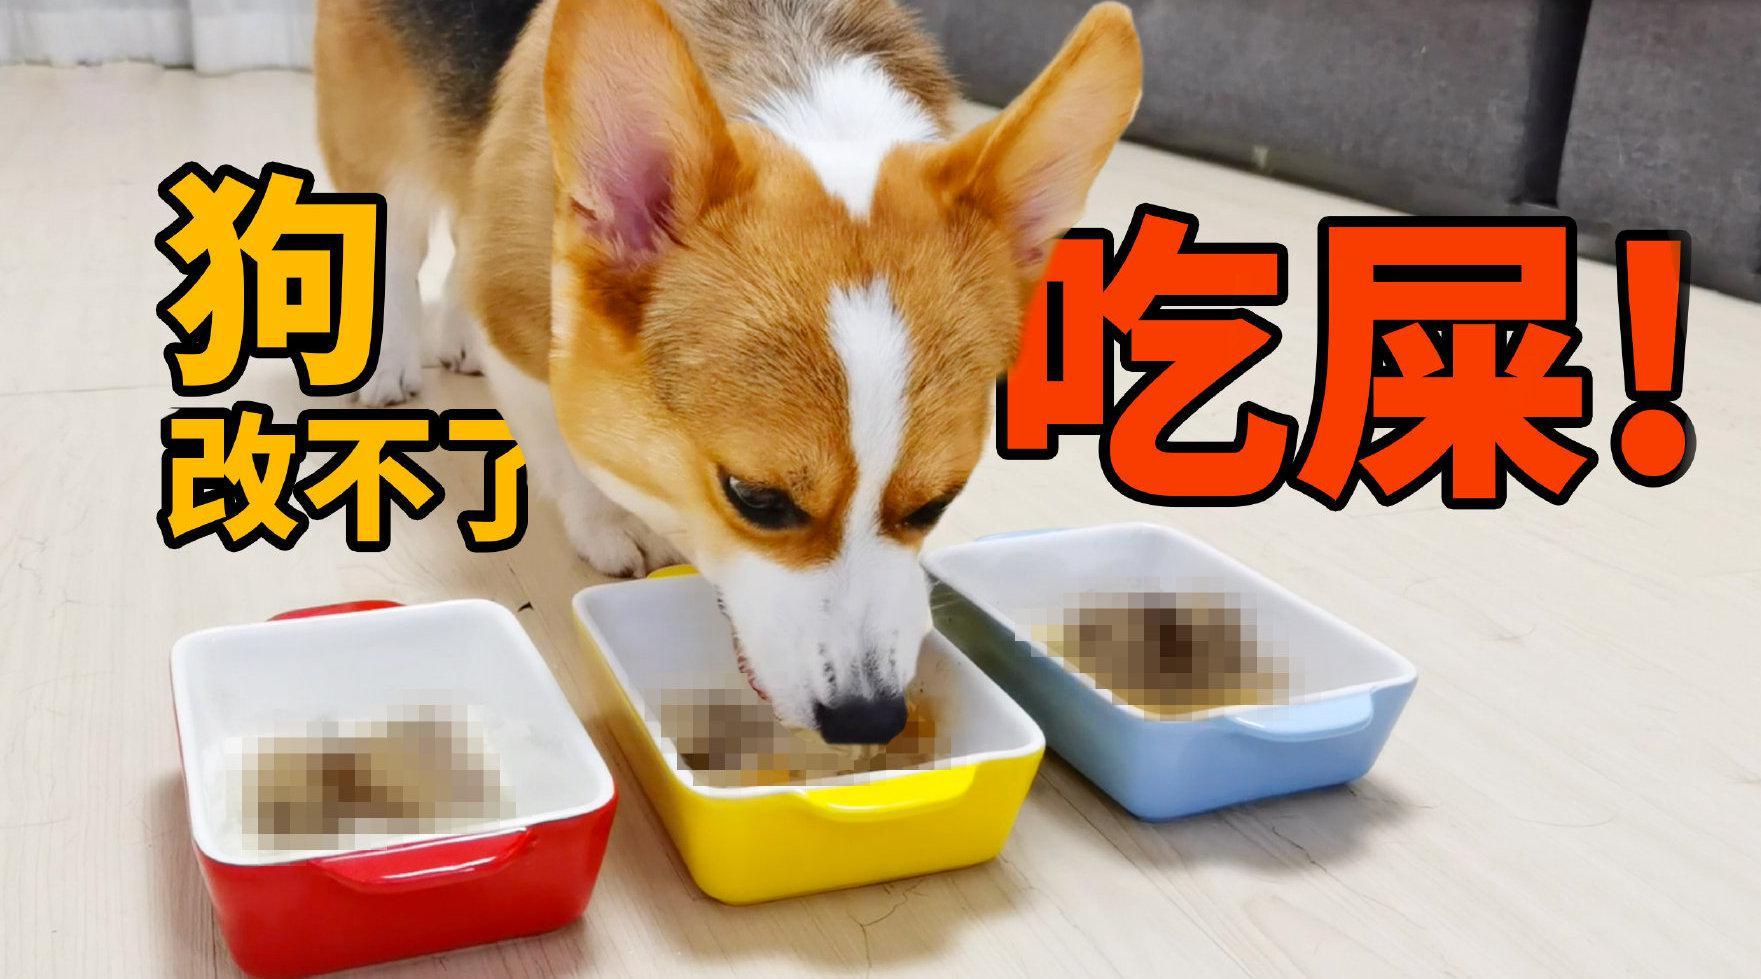 狗改不了吃屎?臭到令人作呕的食物,柯基却吃得贼香……